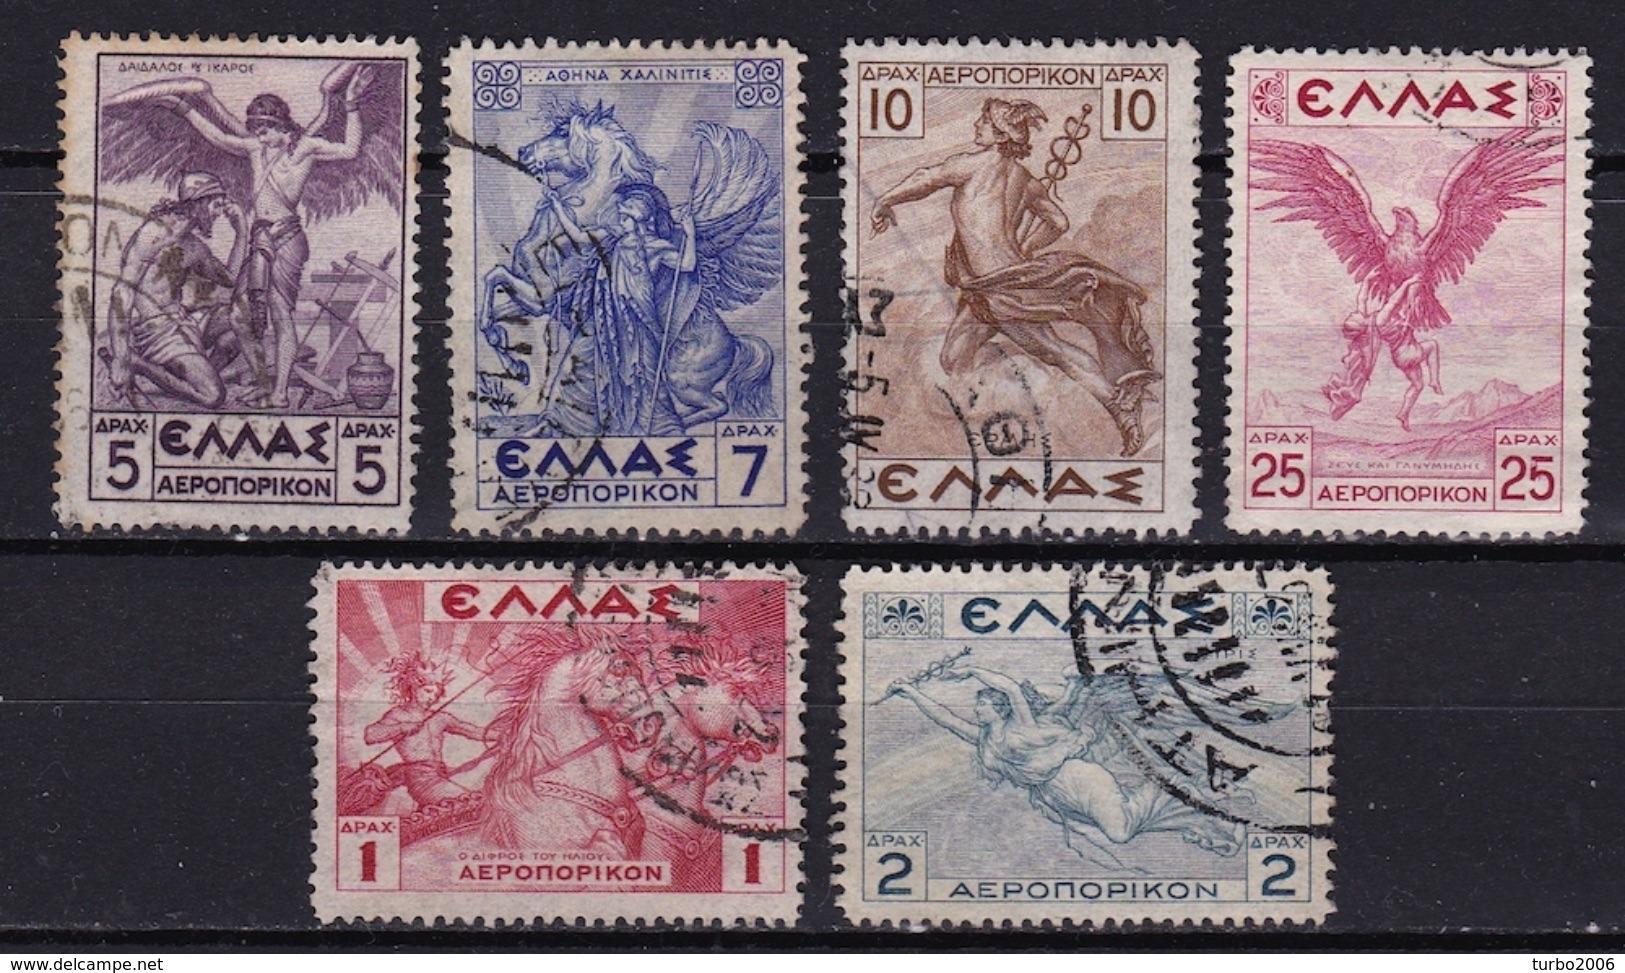 GREECE 1935 Mythologycal Issue Set To 25 Dr. Vl. A 22 / 27 - Luchtpostzegels